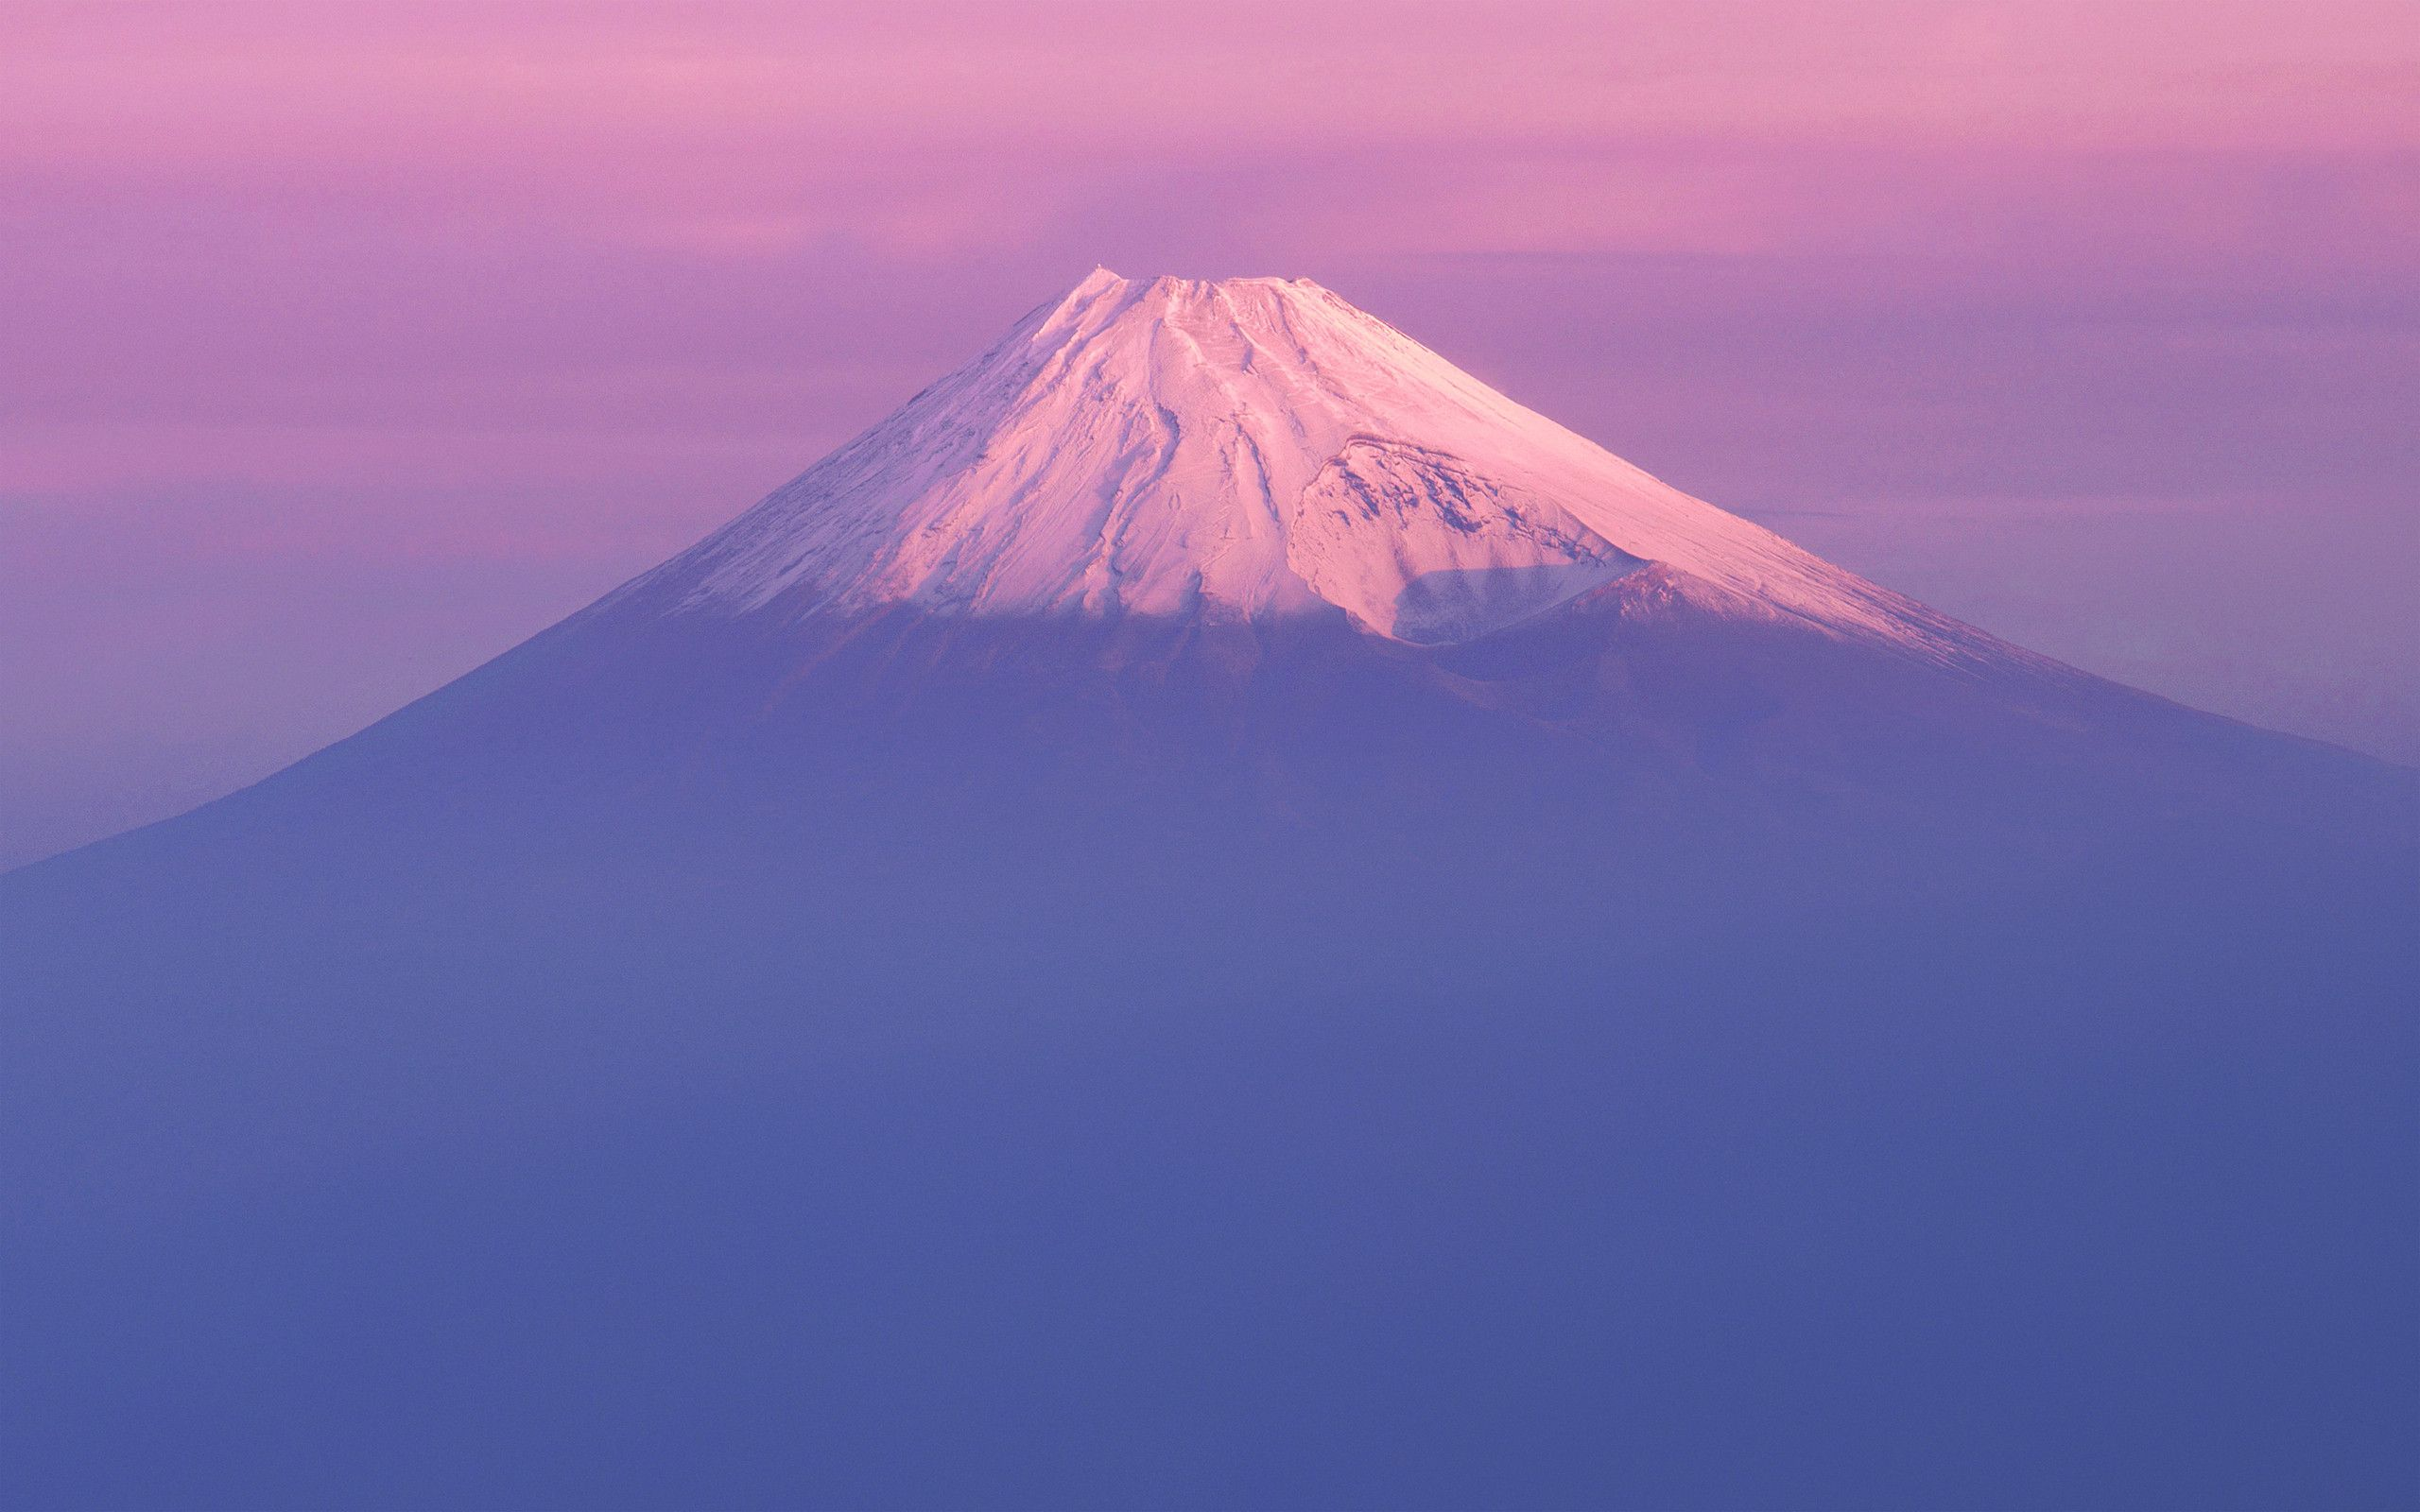 Hình nền 2560x1600 Mac OS X 10.7 Lion Fuji Mountain